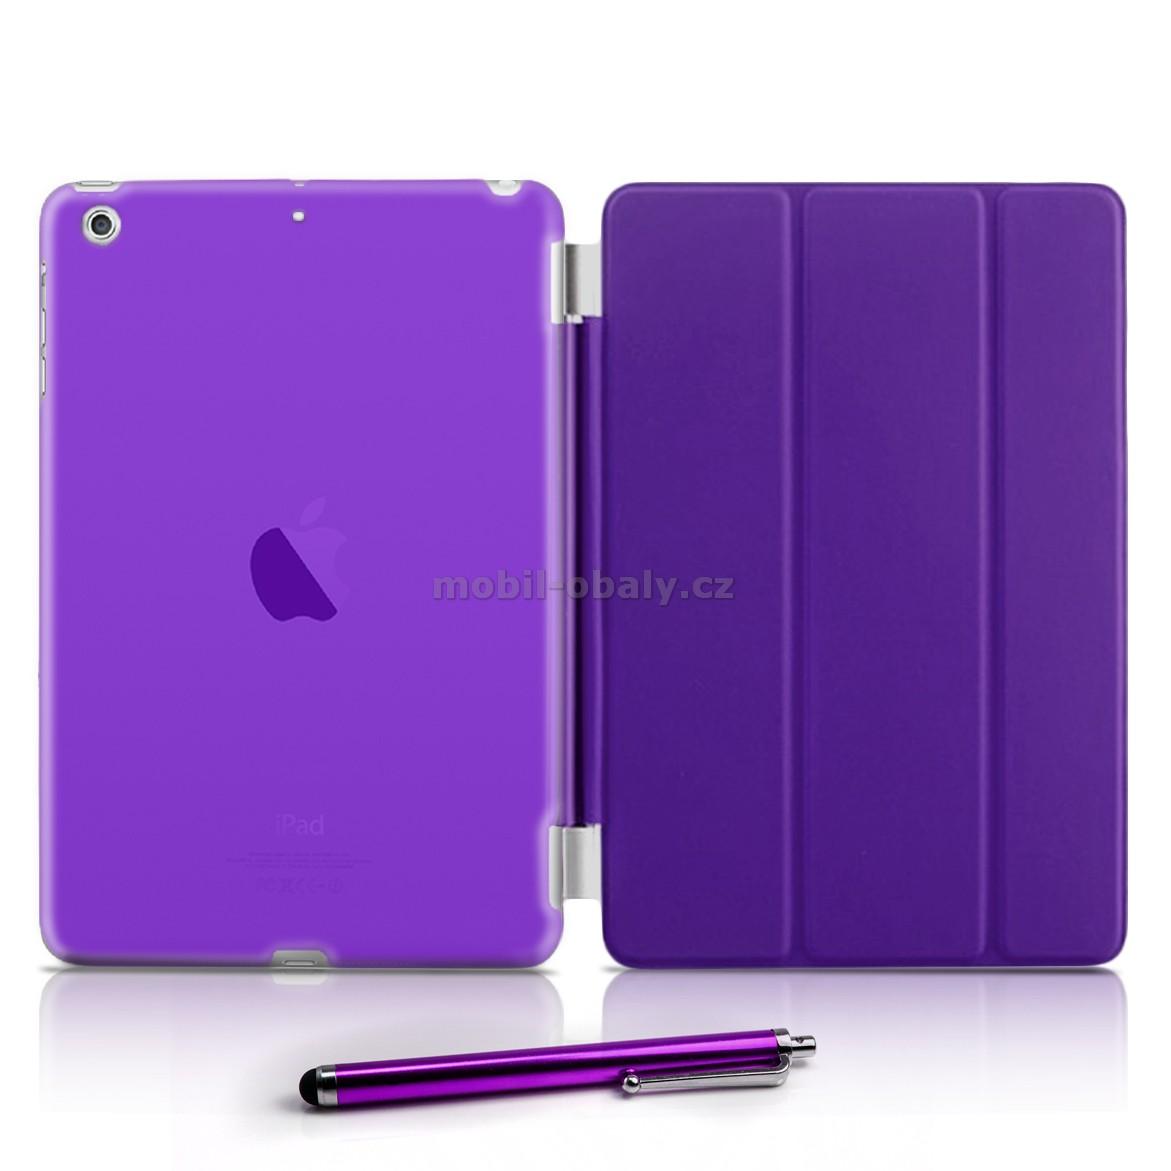 Magnetické pouzdro na tablet Apple iPad Air fialová barva + folie zdarma 6d0ae5157a3